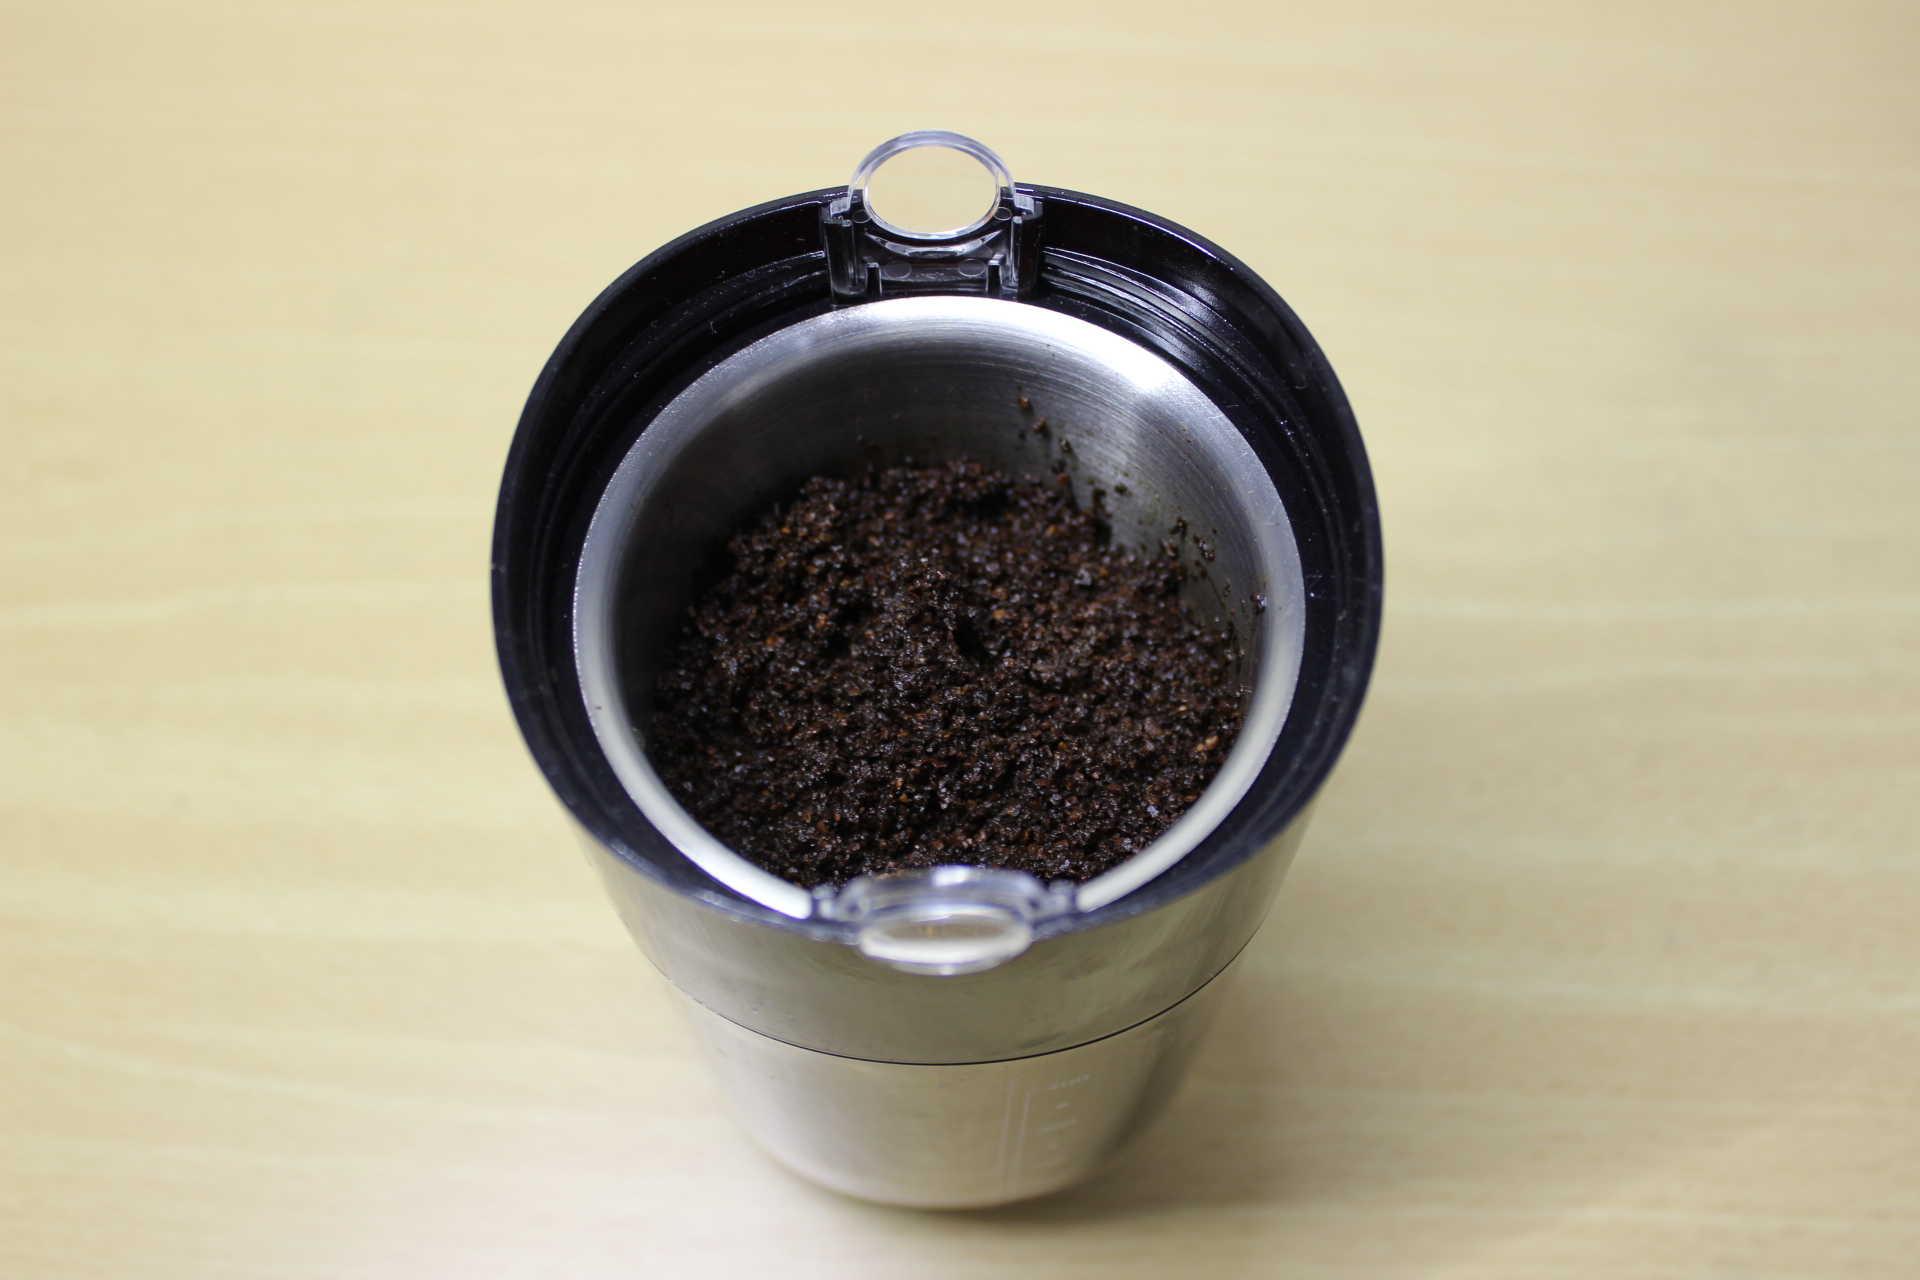 コールドブリューが作れるWiswell Water Dripperのコーヒーバスケットに入れたコーヒーパウダーを湿らせた